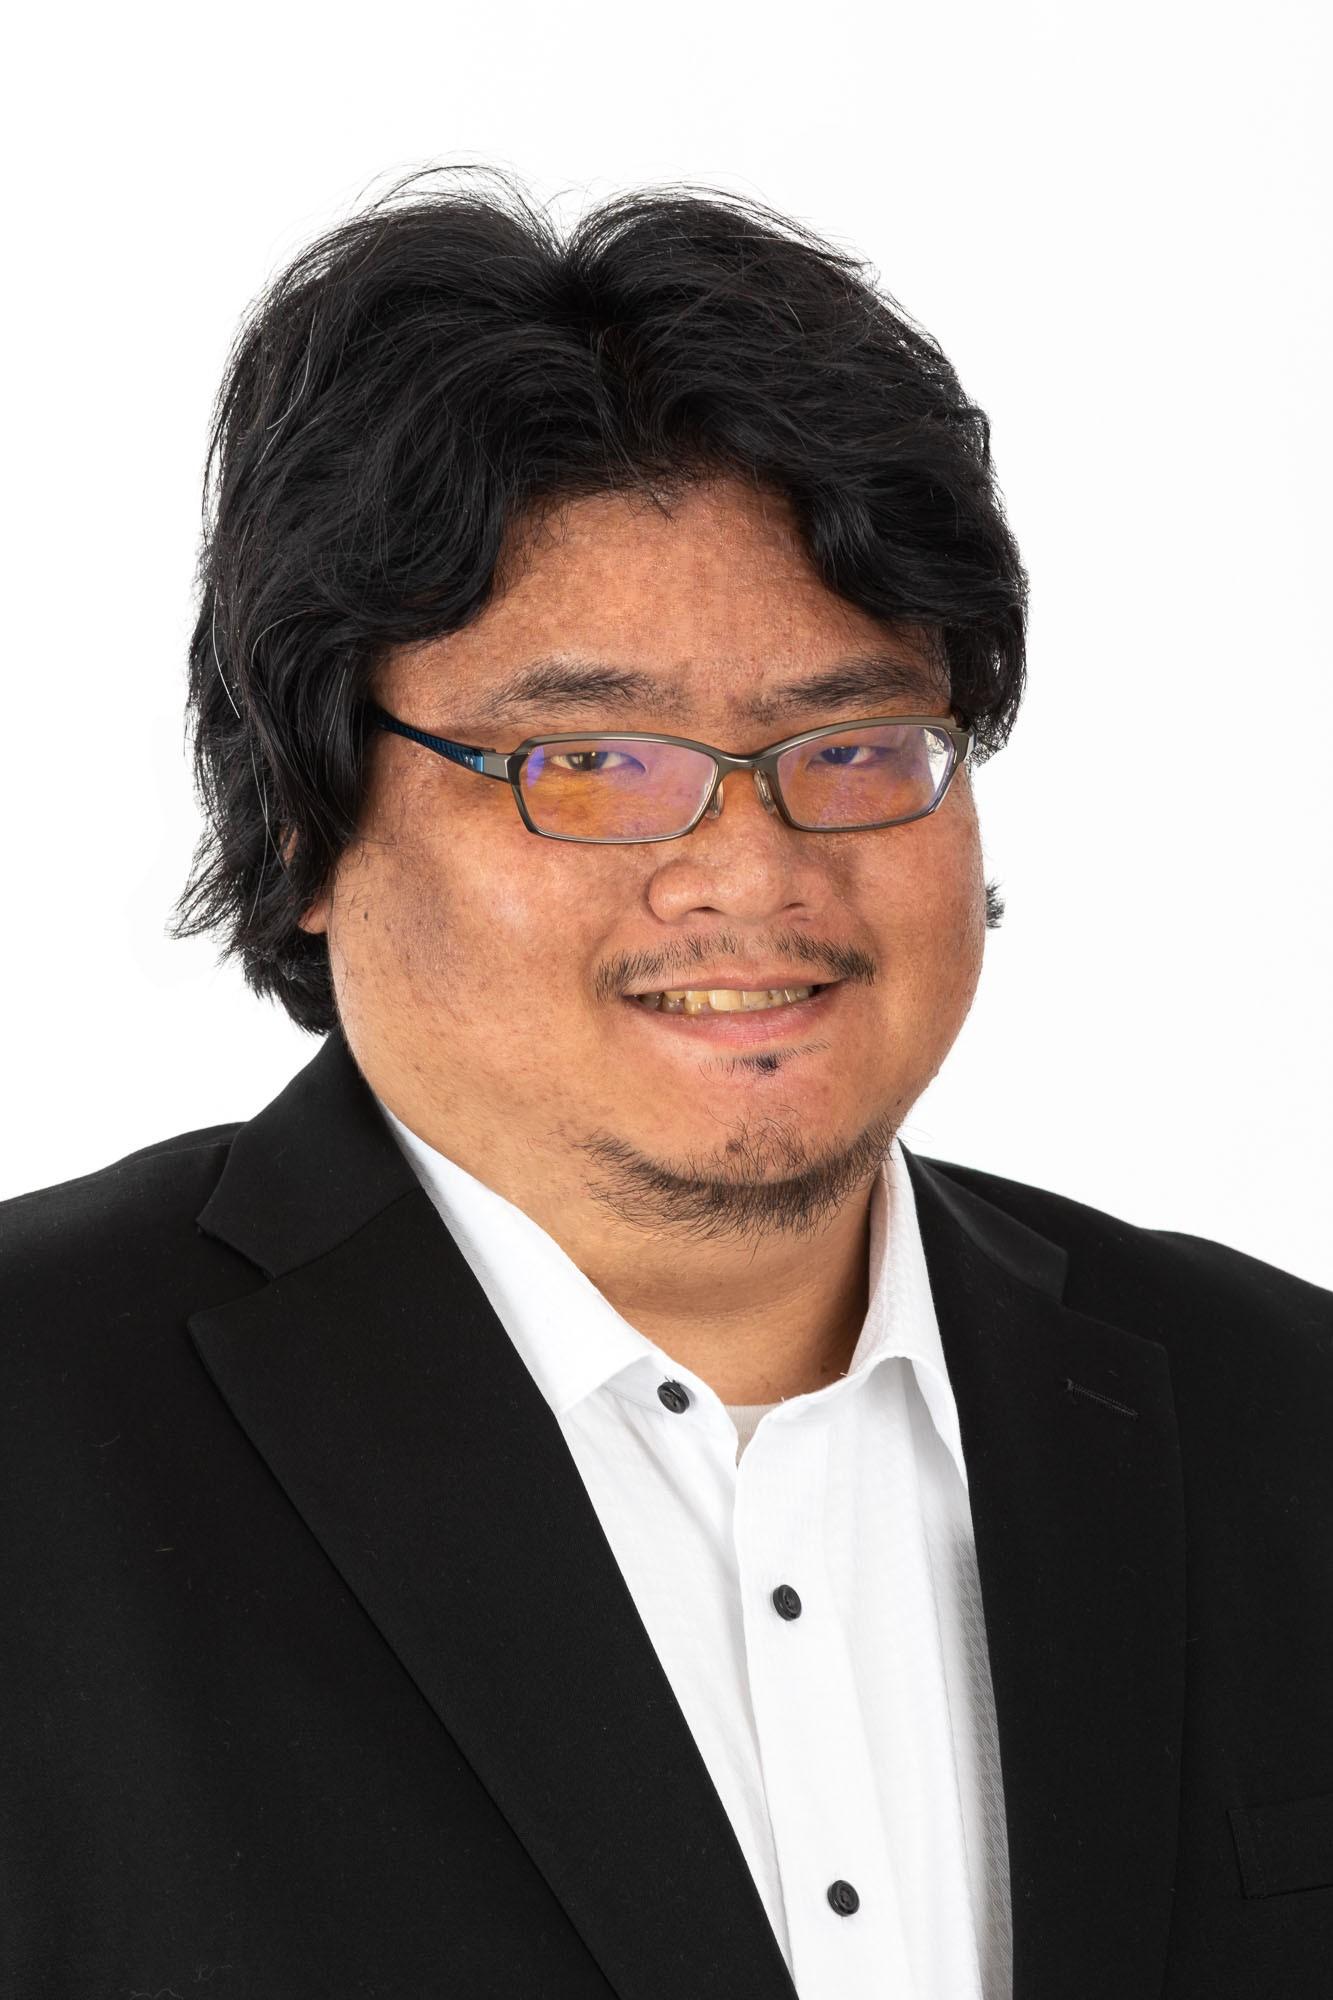 鈴木龍平,SuzukiRyuhei